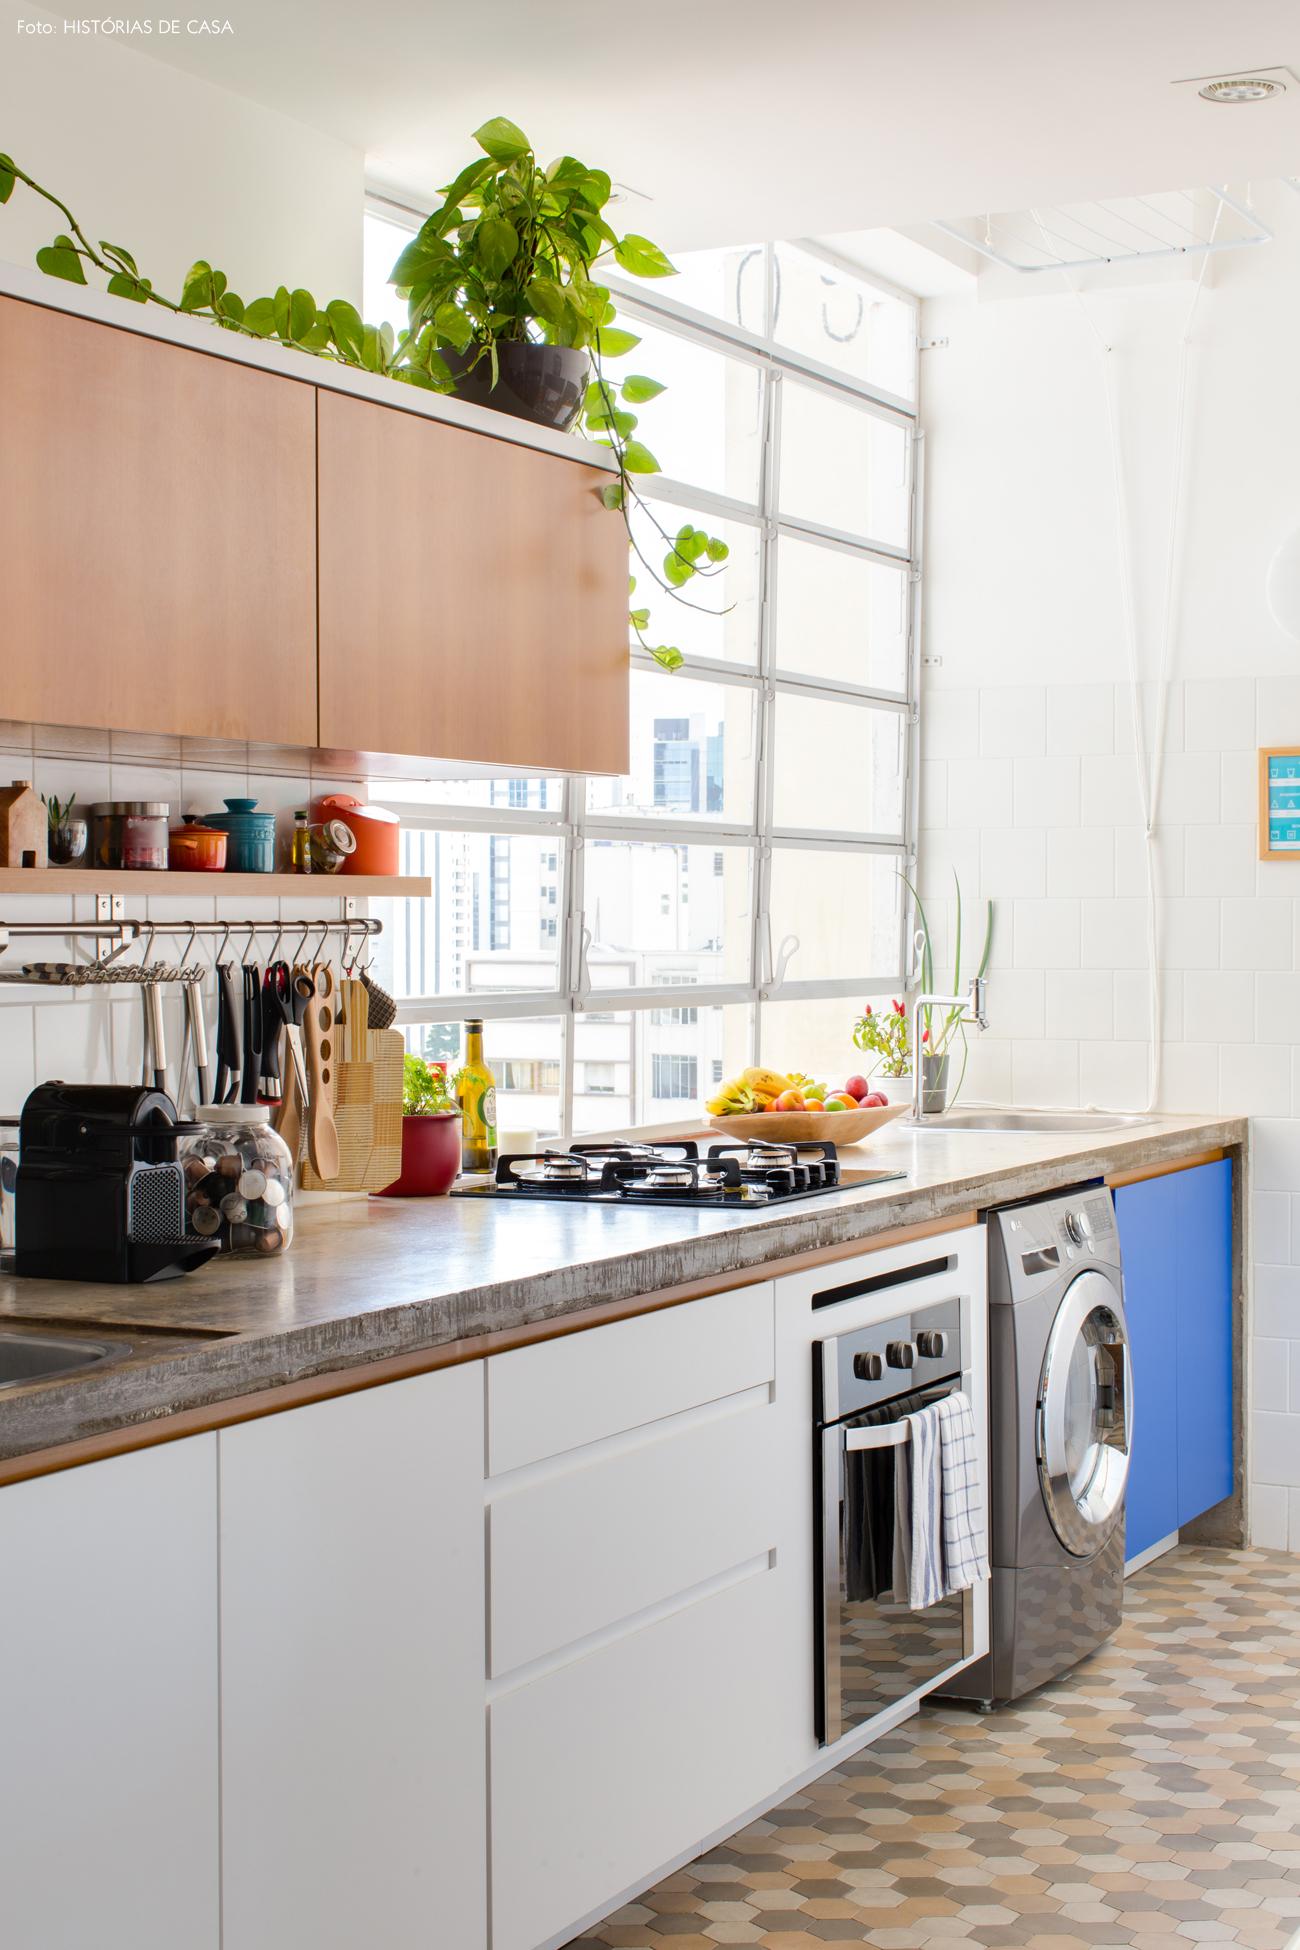 19-decoracao-apartamento-pequeno-cozinha-integrada-com-area-servico